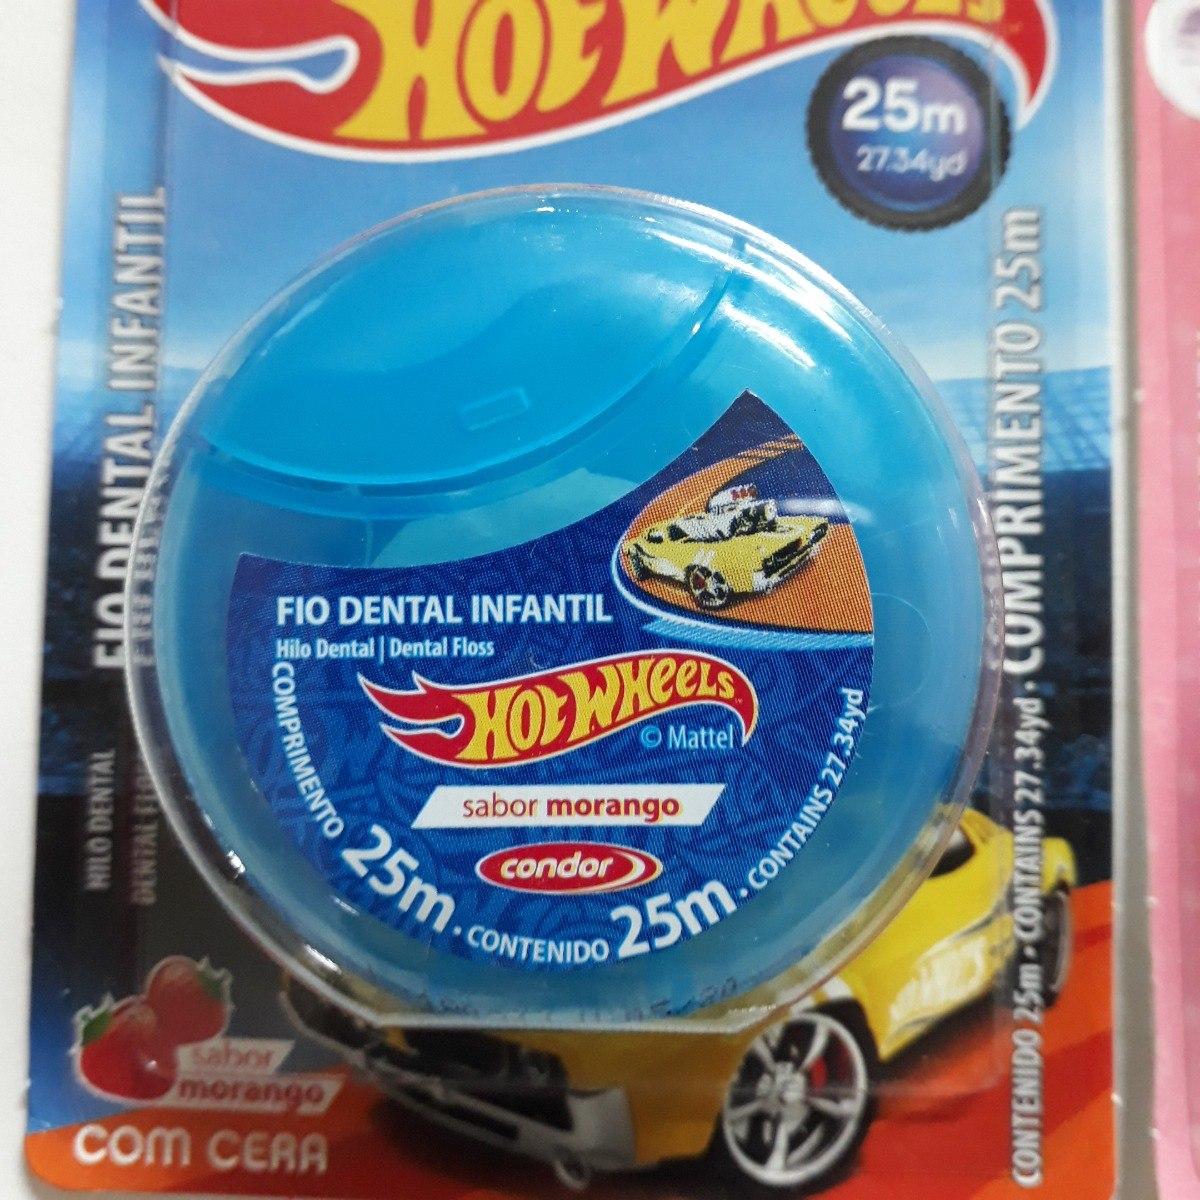 210f19b96 escova de dente + fio dental hotwheels condor. Carregando zoom.